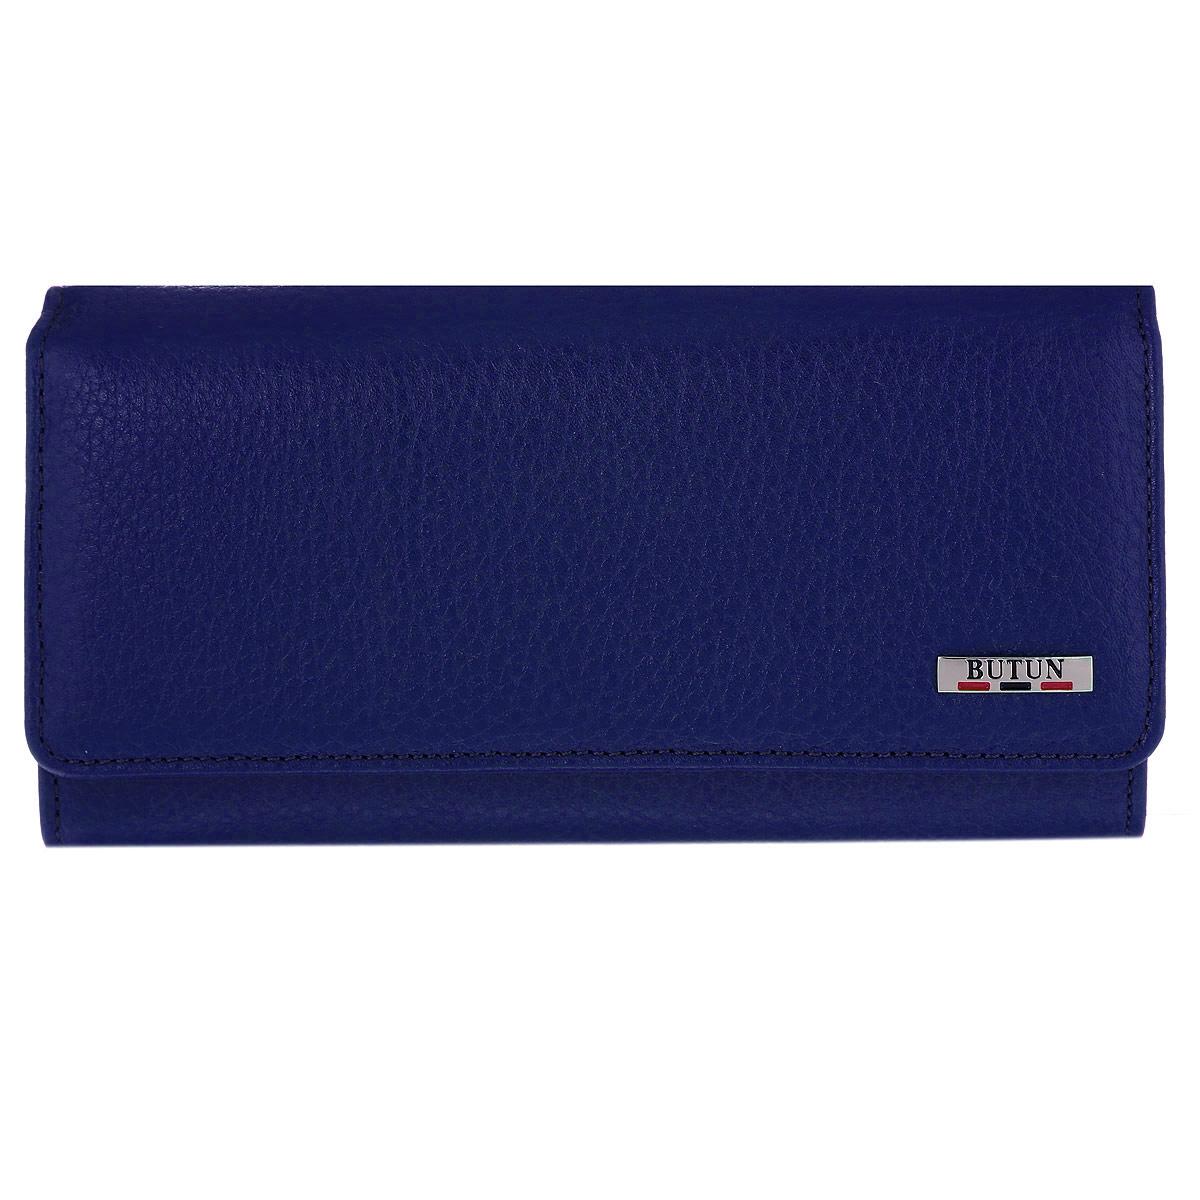 Портмоне женское Butun, цвет: синий. 559-004 013559-004 013Женское портмоне Butun выполнено из натуральной высококачественной кожи с натуральным тиснением. Портмоне состоит из трех отделений для купюр. Внутри расположены 3 открытых кармашка для визиток и банковских карт, 1 открытый накладной карман для мелочей, прорезной карман на застежке-молнии и открытый горизонтальный карман с прозрачным окошком-сеточкой. Также портмоне дополнено наружным отделением для монет на замке-защелке, состоящим из 2 просторных отделений, разделенных перегородкой. Портмоне закрывается на широкий клапан с кнопкой. Фурнитура оформлена под серебро. Портмоне - это удобный и стильный аксессуар, необходимый каждому активному человеку для хранения денежных купюр, монет, визитных и пластиковых карт, а также небольших документов. Надежное портмоне Butun сочетает в себе классический дизайн и функциональность, и не только практично в использовании, но и станет отличным дополнением к любому стилю, и позволит вам подчеркнуть свою индивидуальность. ...